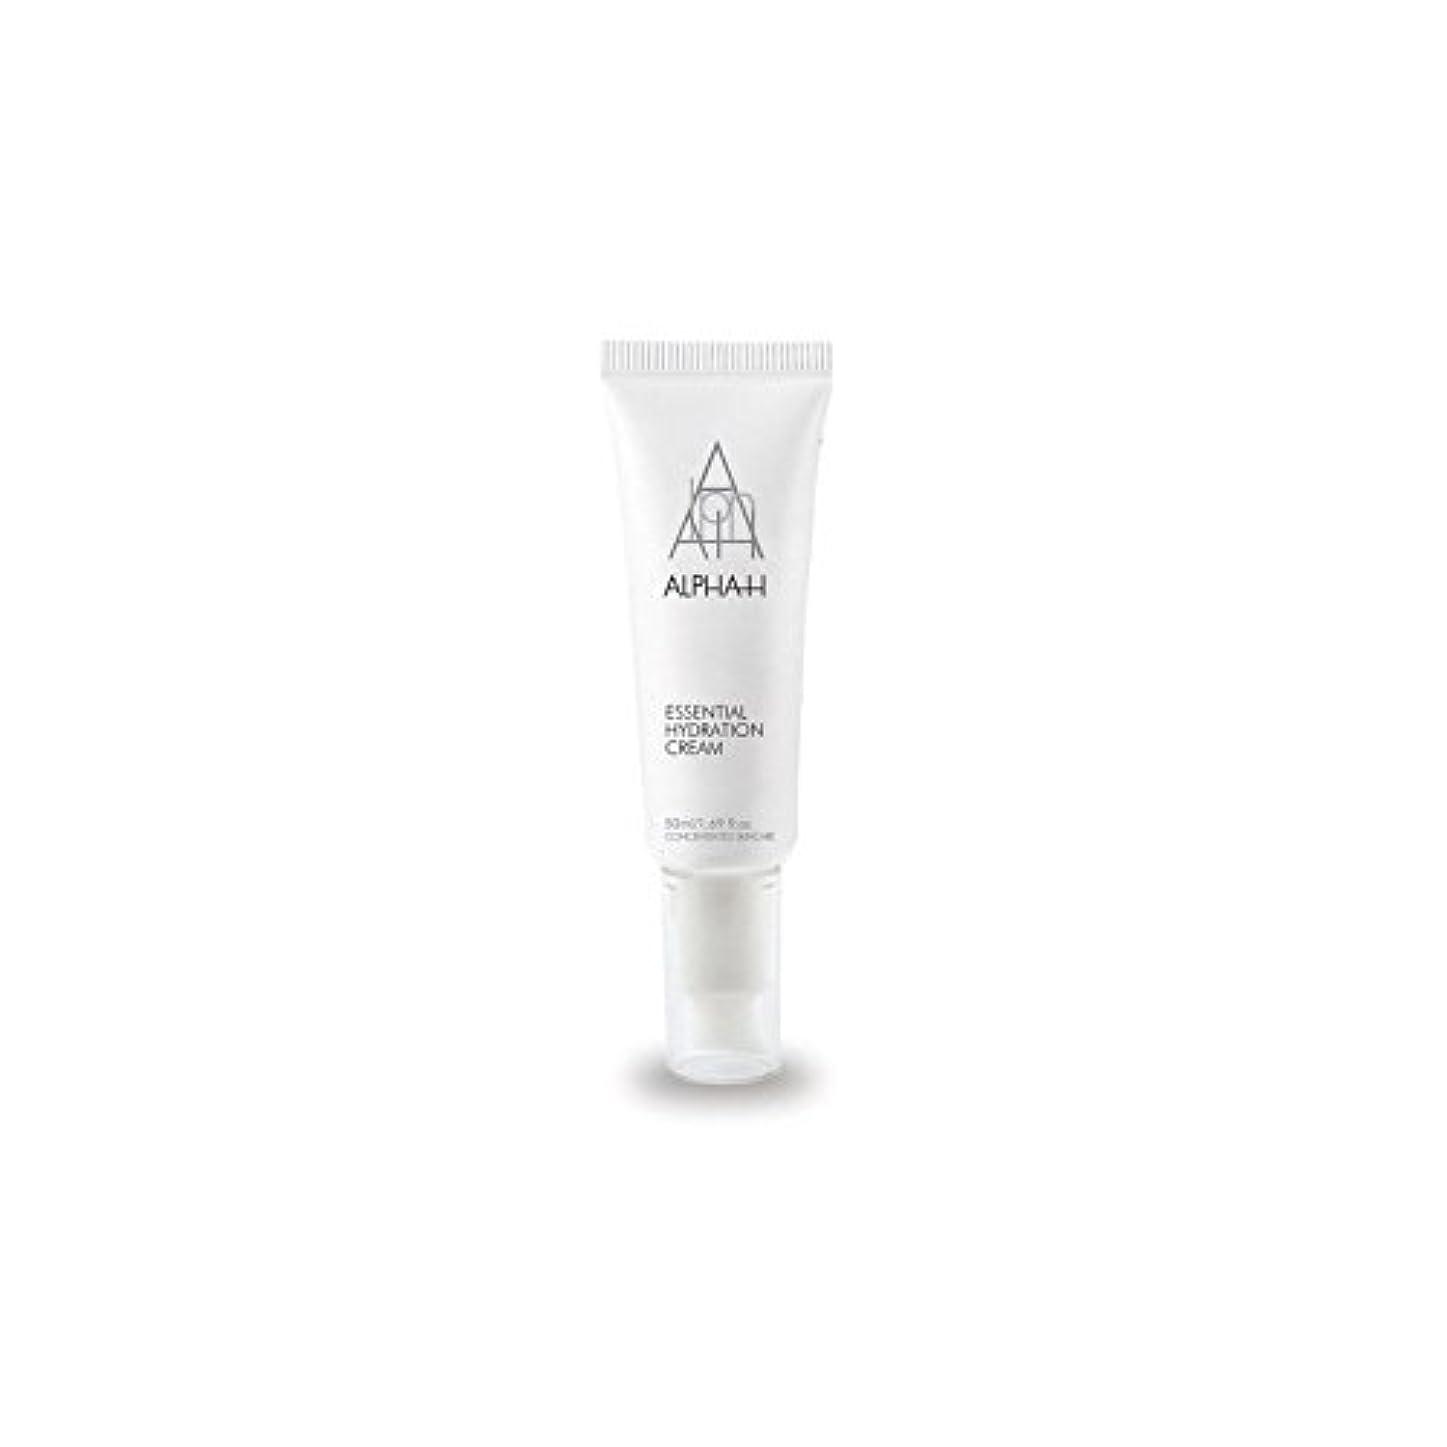 古風なエゴイズムポールAlpha-H Essential Hydration Cream (50ml) - アルファ必須水和クリーム(50)中 [並行輸入品]